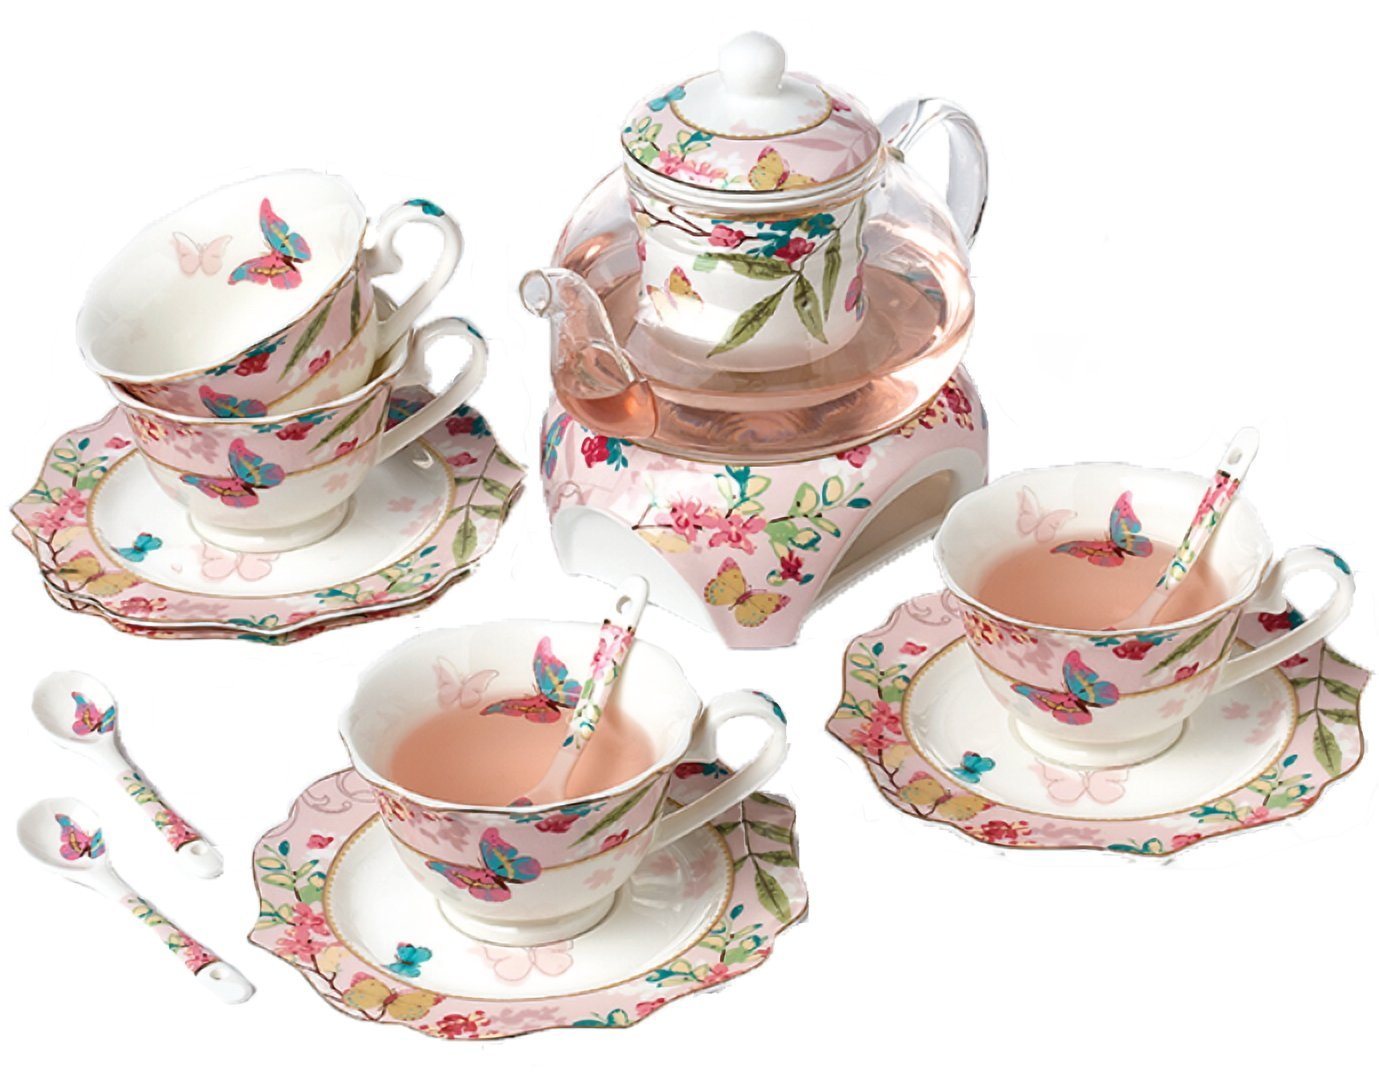 Floris 桜と蝶のかわいい ティーポット&ティーカップ セット 580ml 170ml B078VJW4VK